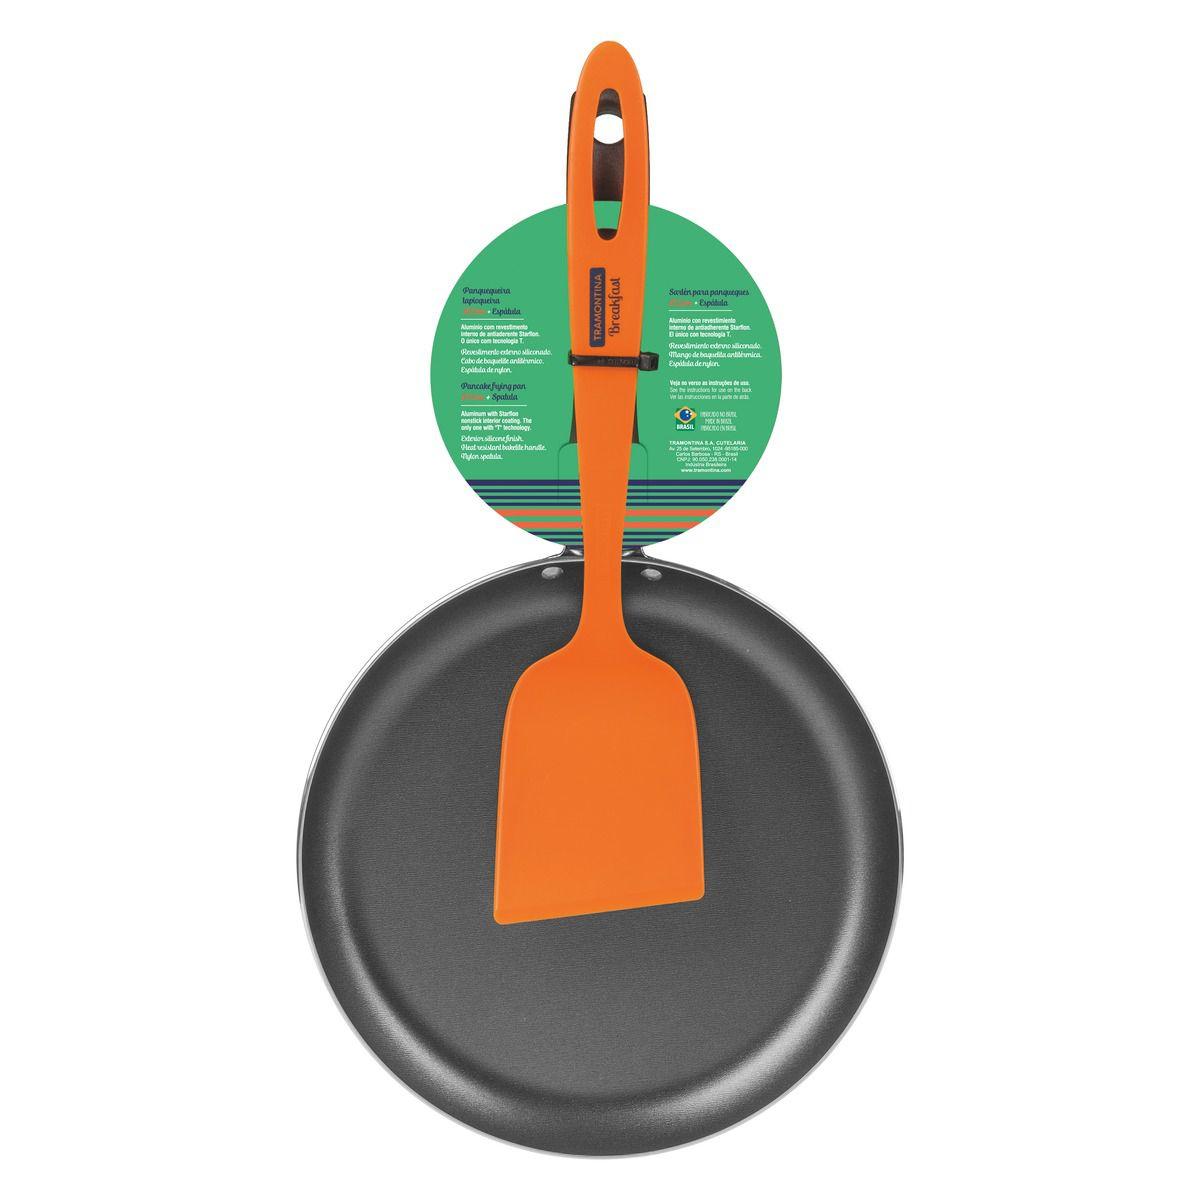 Panquequeira/Tapioqueira Tramontina em Alumínio com Revestimento Interno Antiaderente Starflon T1 Cabo Baquelite 22 cm com Espátula Laranja de Nylon 27813/002 | Lojas Estrela